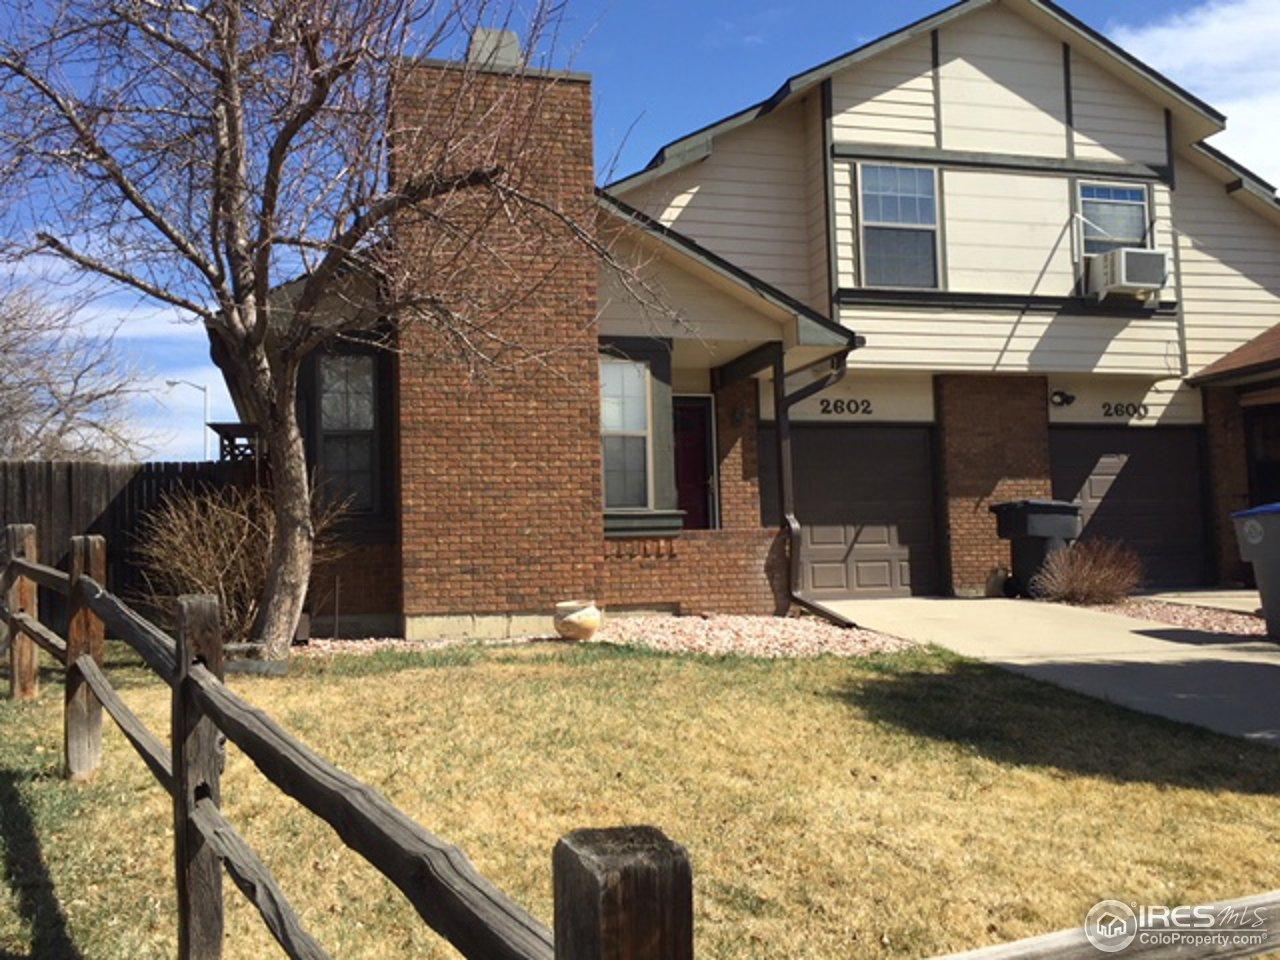 2602 Denver Ave, Longmont CO 80503